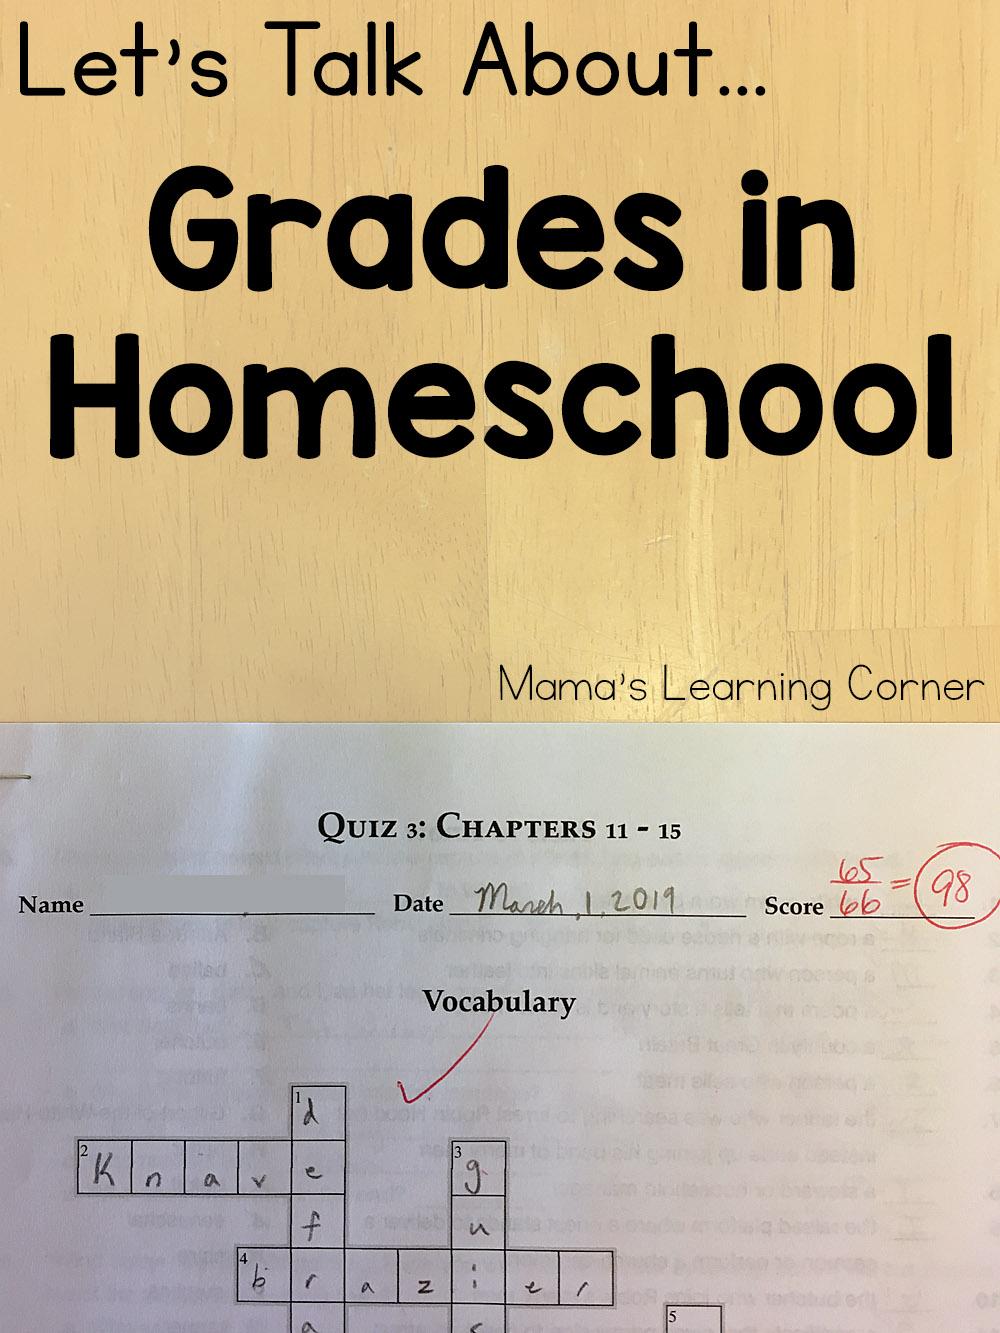 Grades in Homeschool